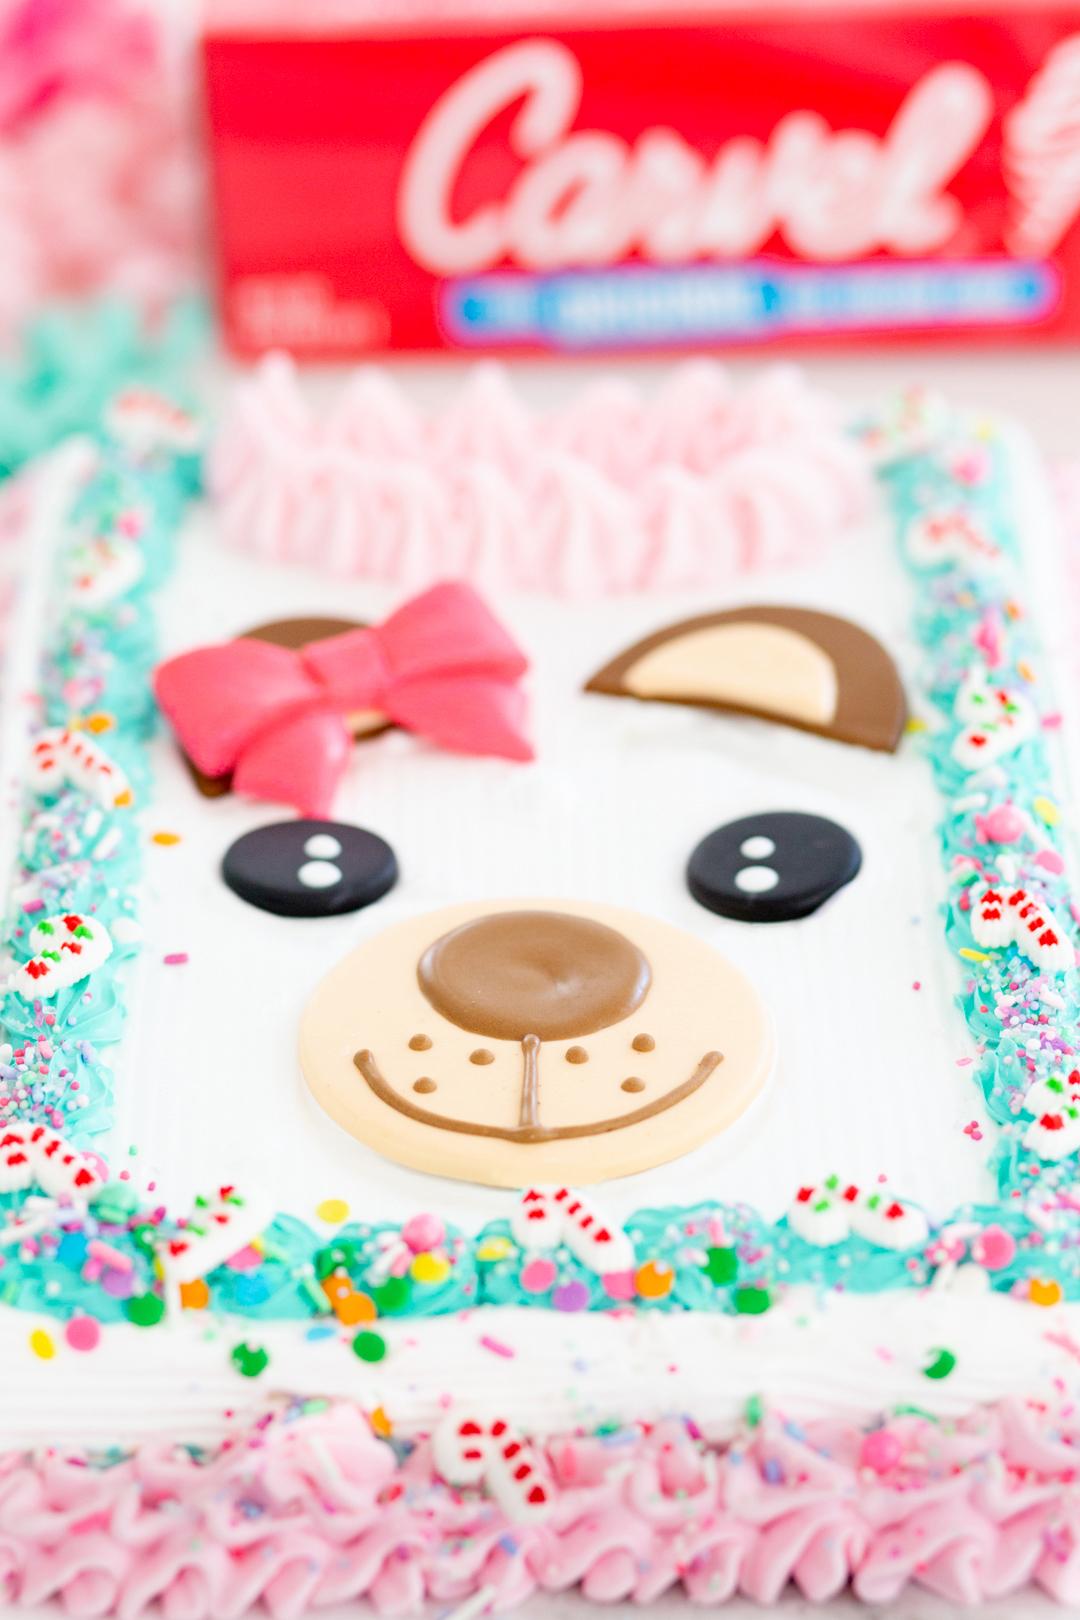 cute bear on an ice cream cake